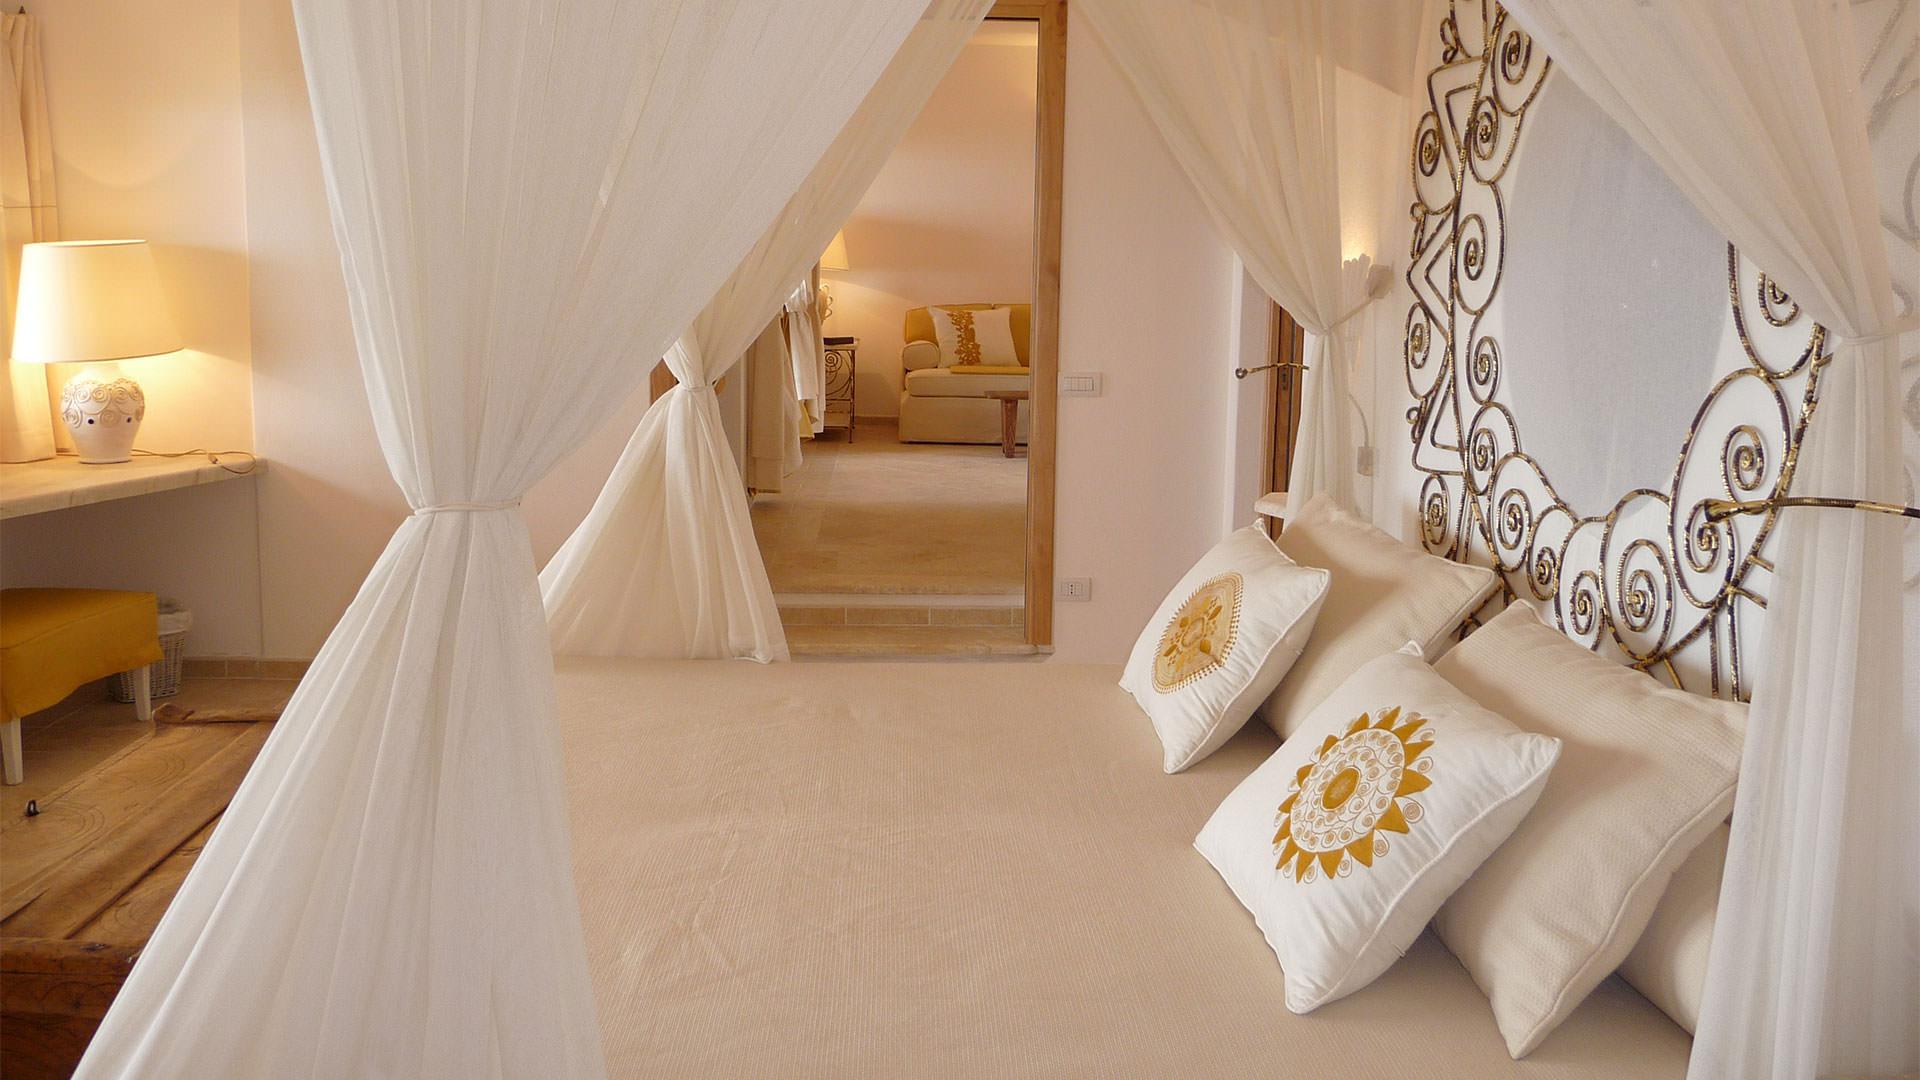 hotel-capo-orso-slider-camere-president-sardegna-palau-4-mini